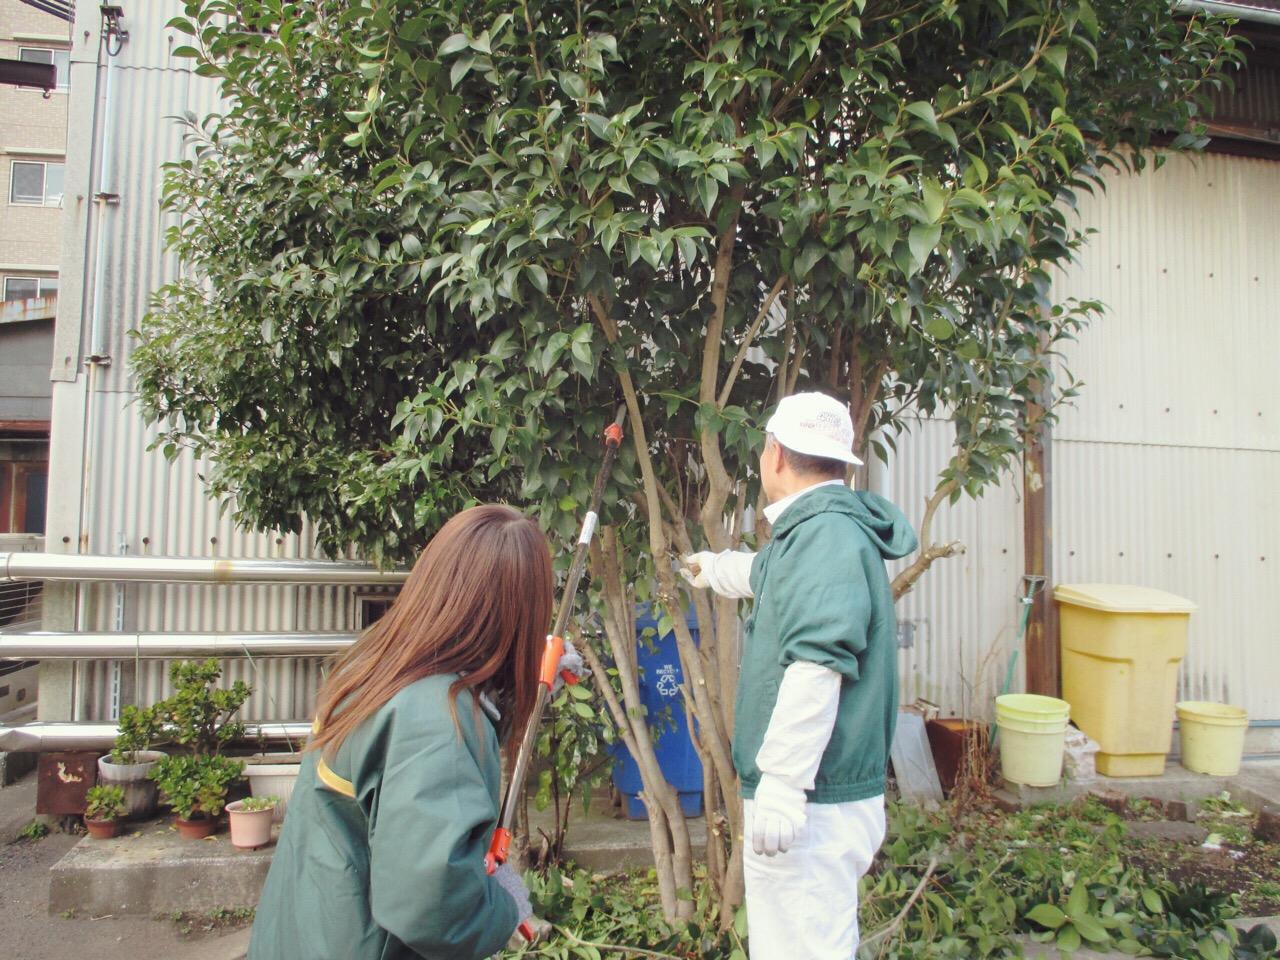 川崎市地方卸売市場南部市場木の伐採